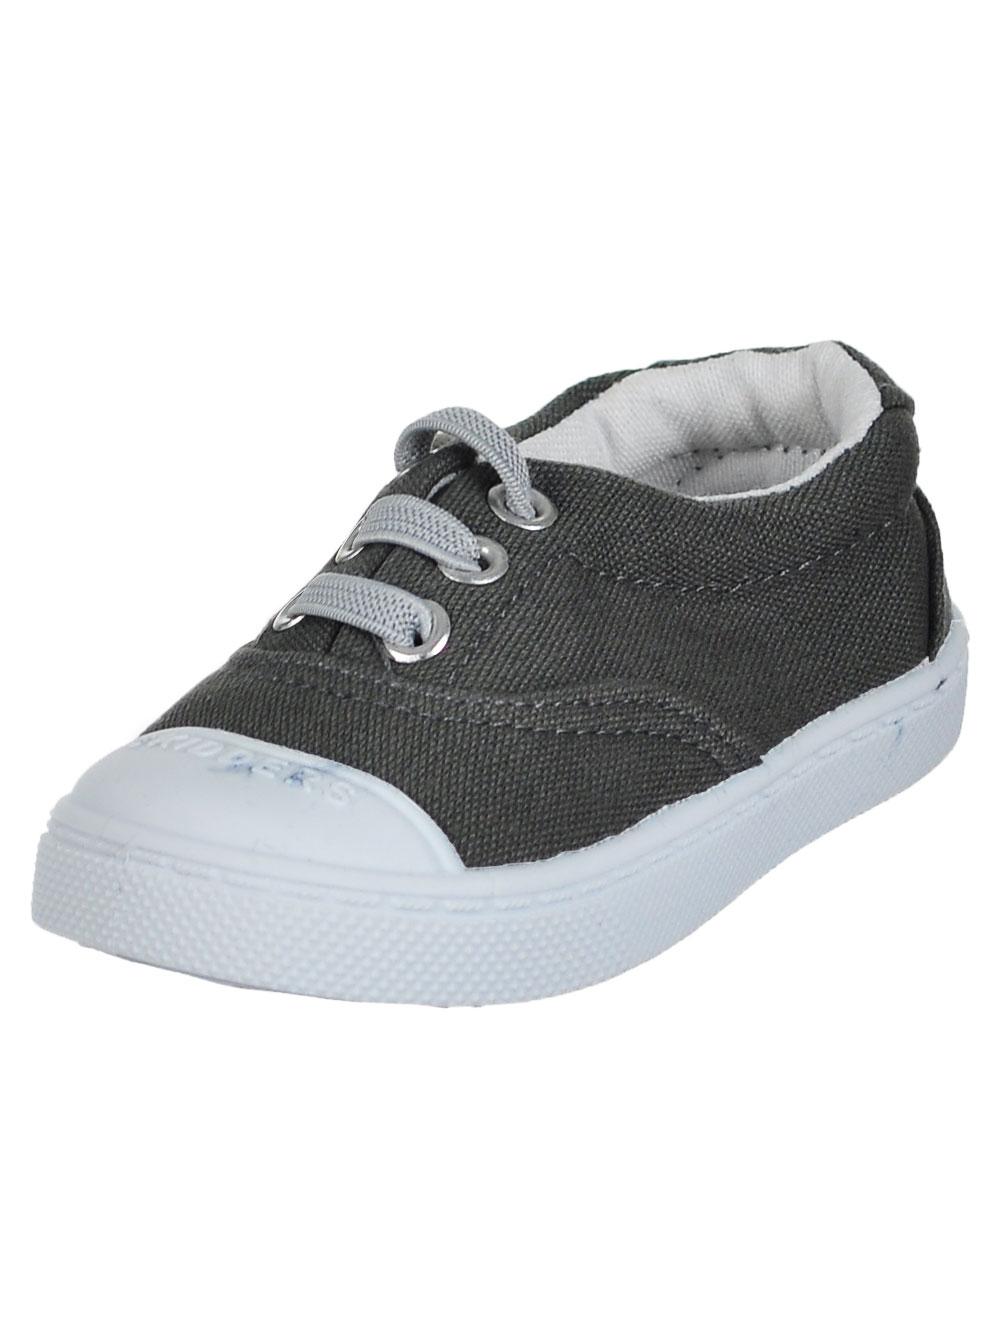 Skidders Baby Boys' Sneakers